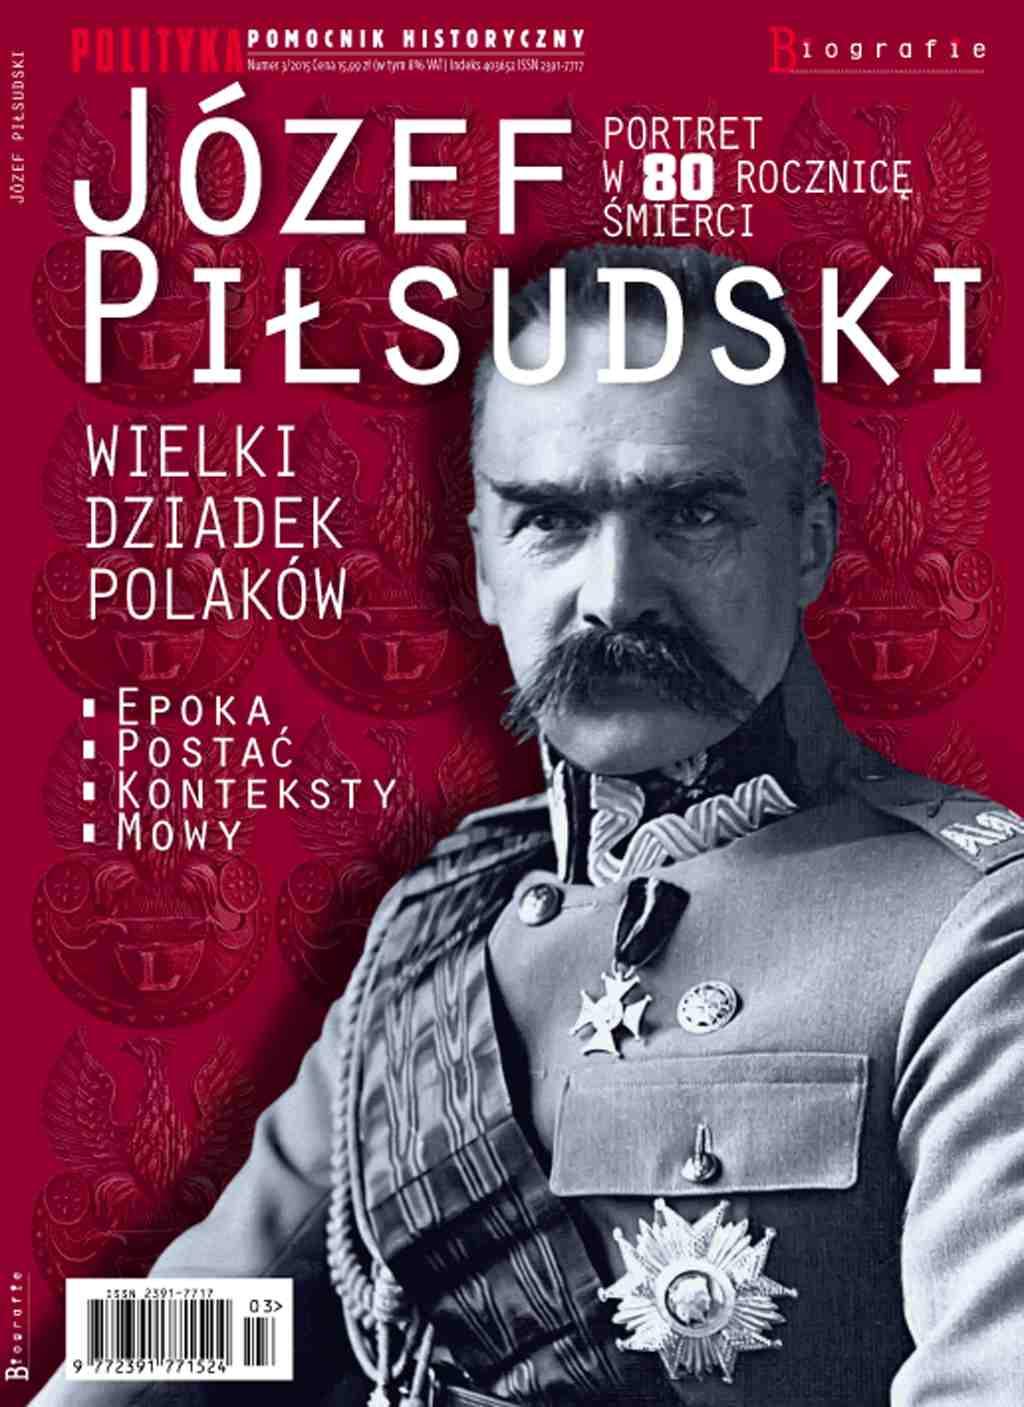 Pomocnik Historyczny. Józef Piłsudski Wielki Dziadek Polaków - Ebook (Książka PDF) do pobrania w formacie PDF